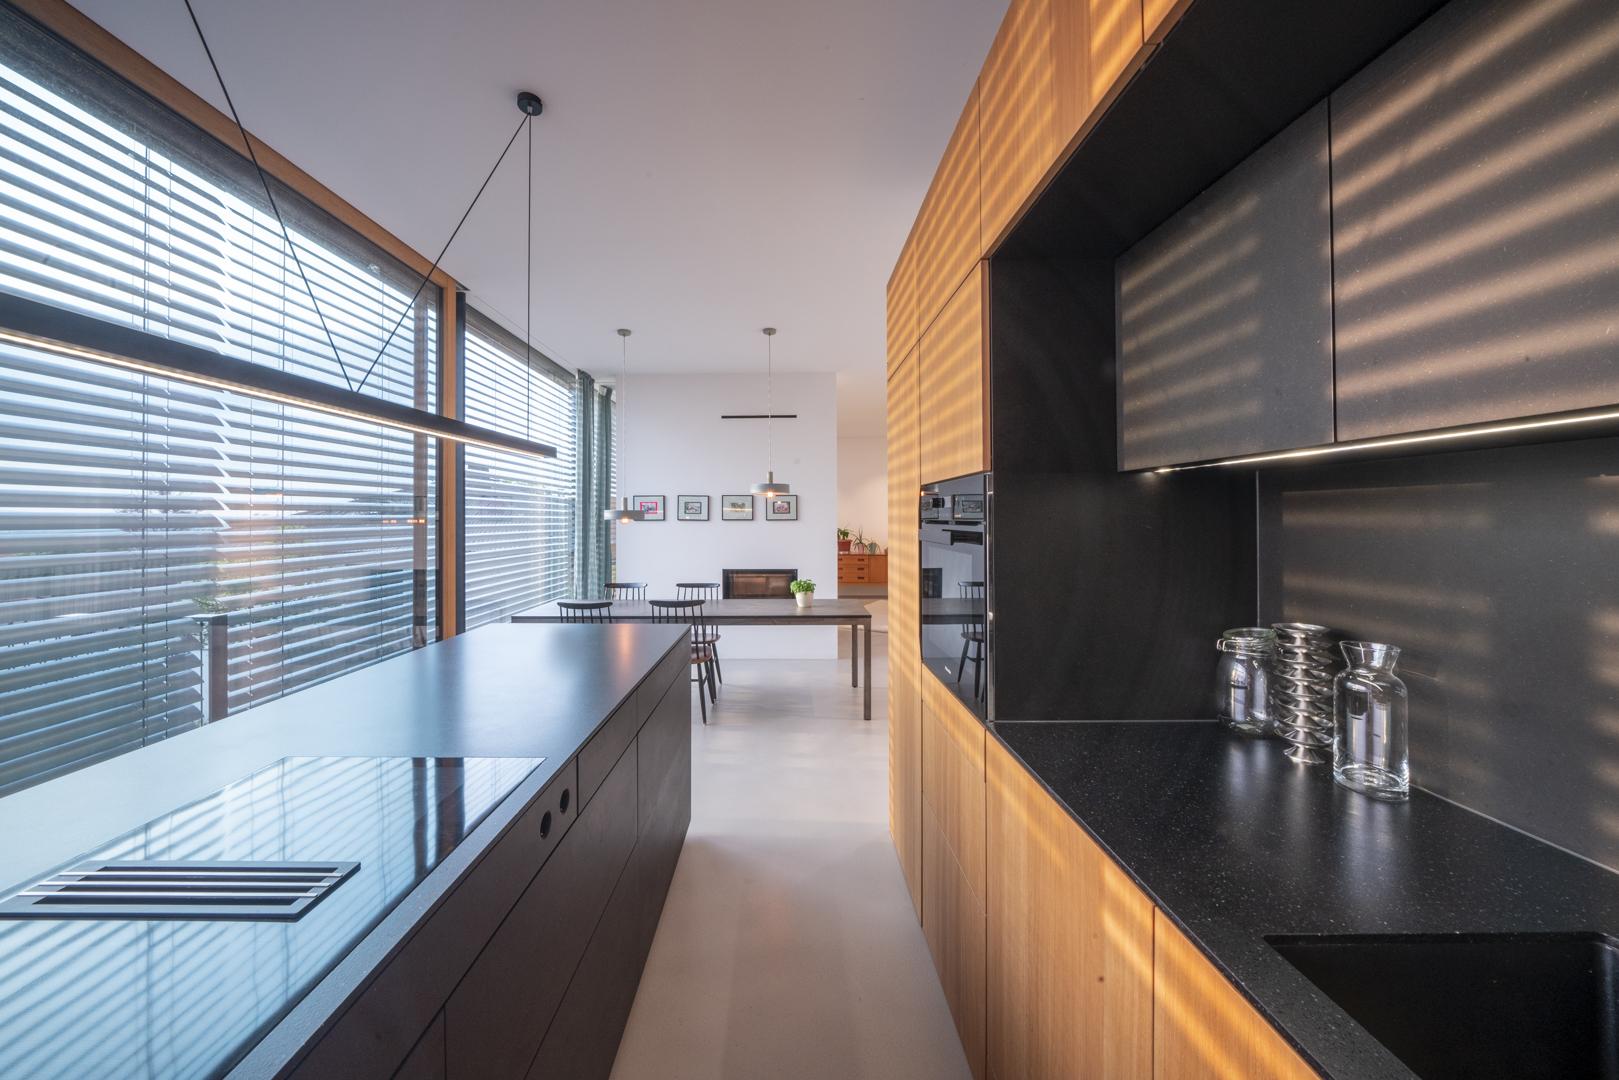 Immobilienfotografie Einfamilienhaus Küche von Fotograf Michael Pinzolits